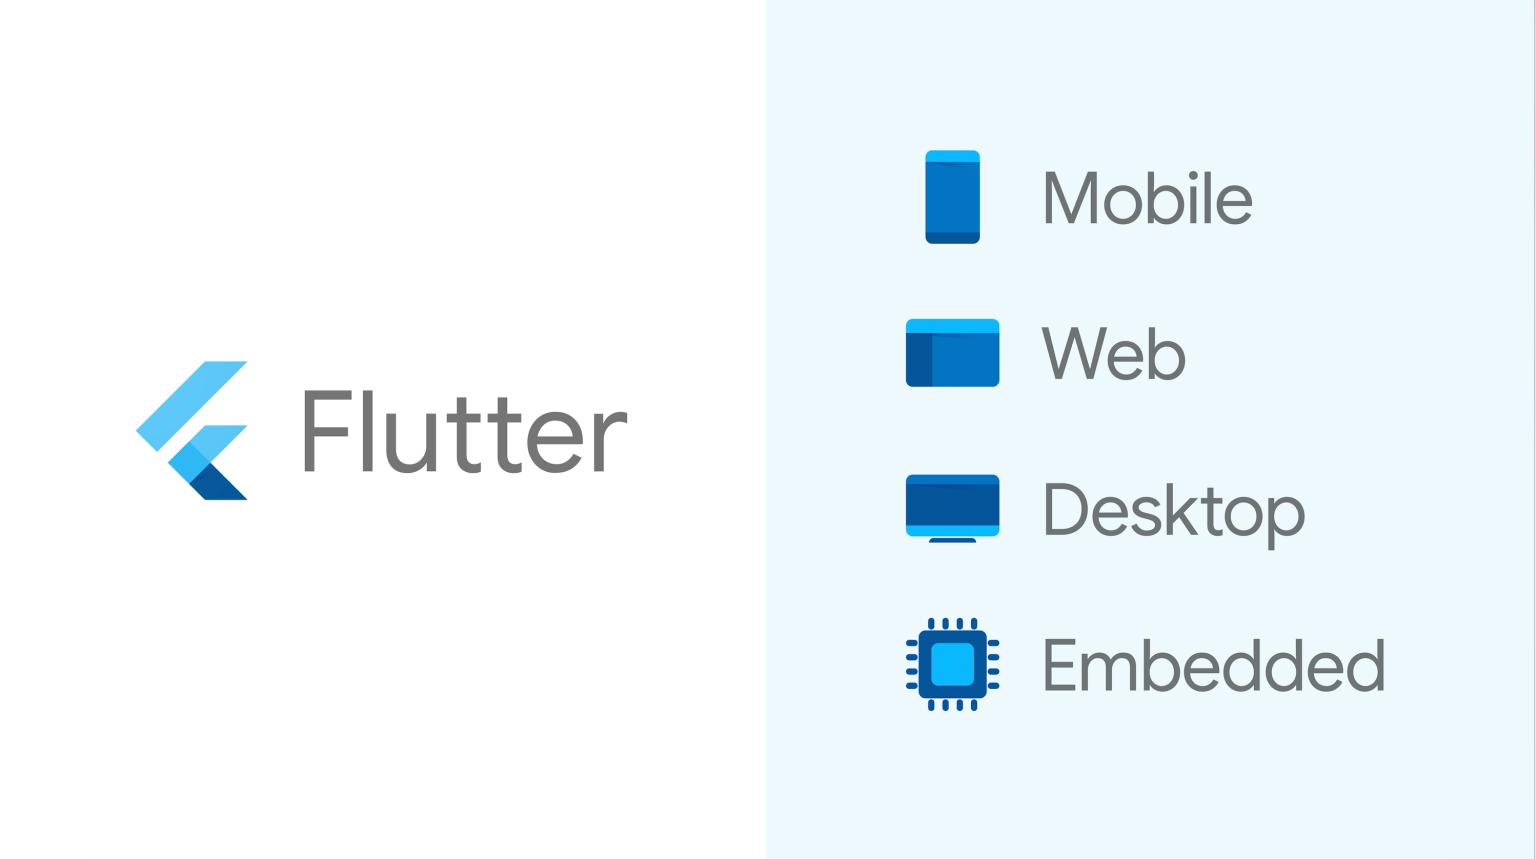 Cross-platform mobile application framework Flutter